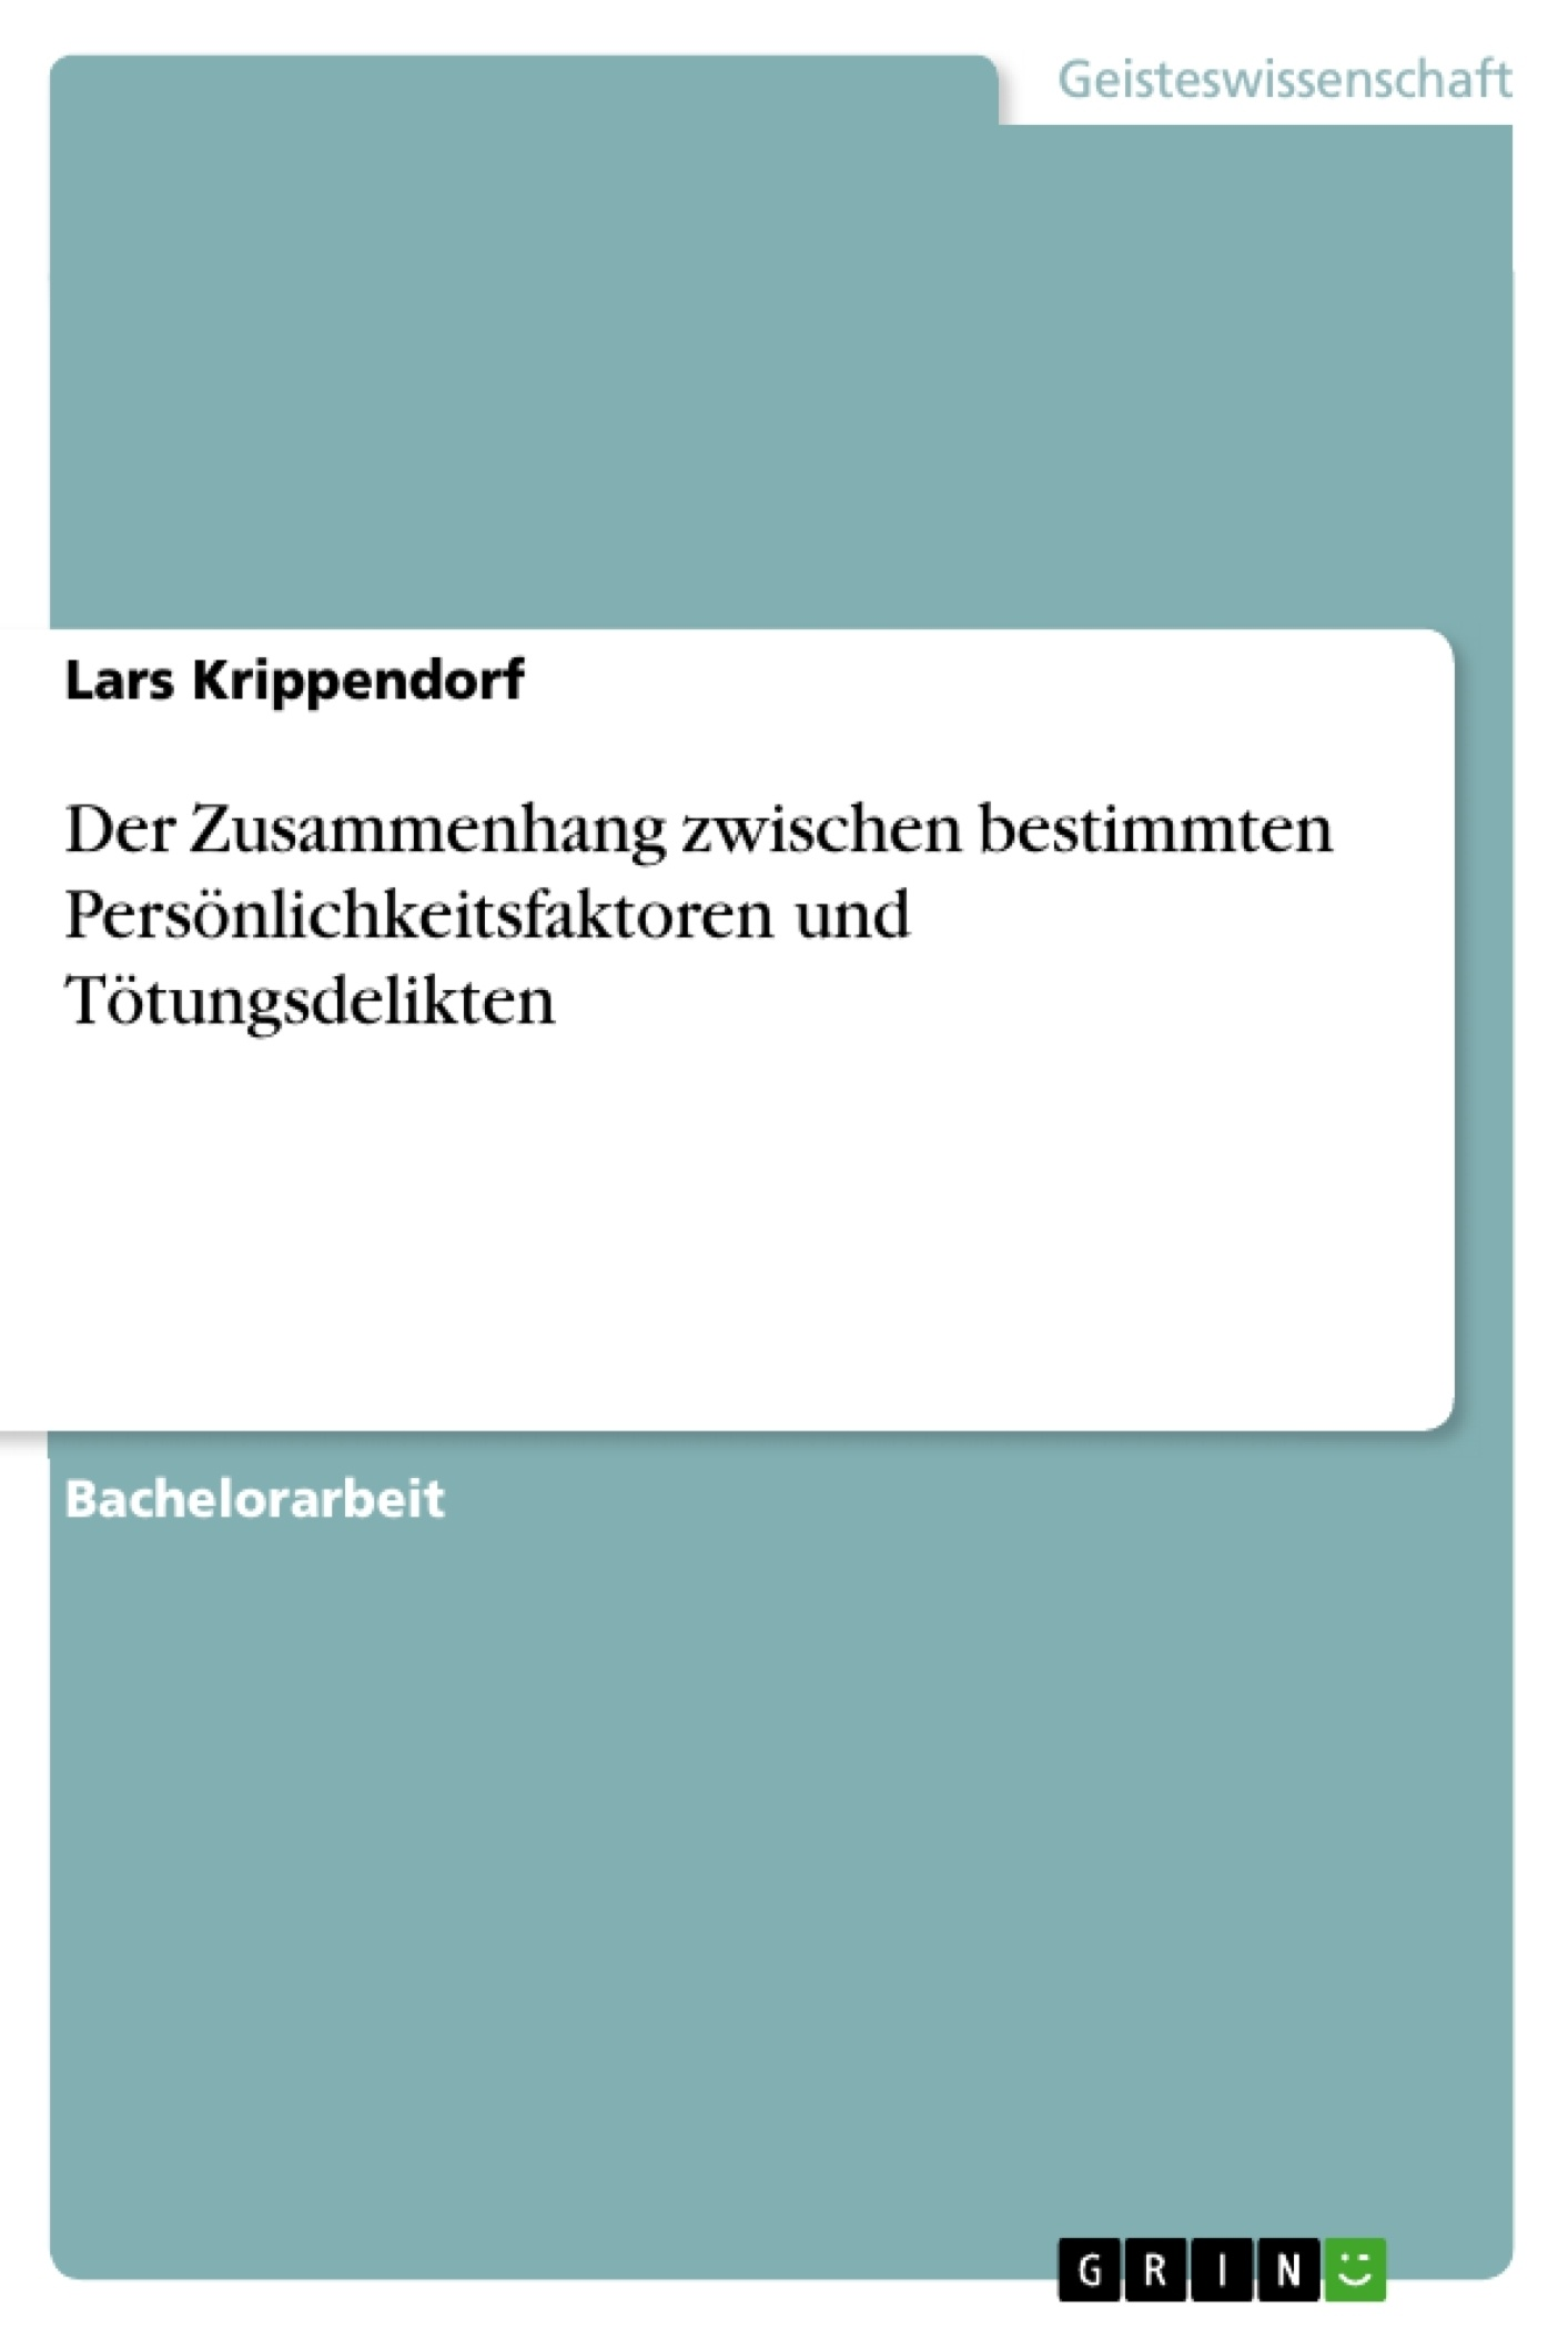 Titel: Der Zusammenhang zwischen bestimmten Persönlichkeitsfaktoren und Tötungsdelikten